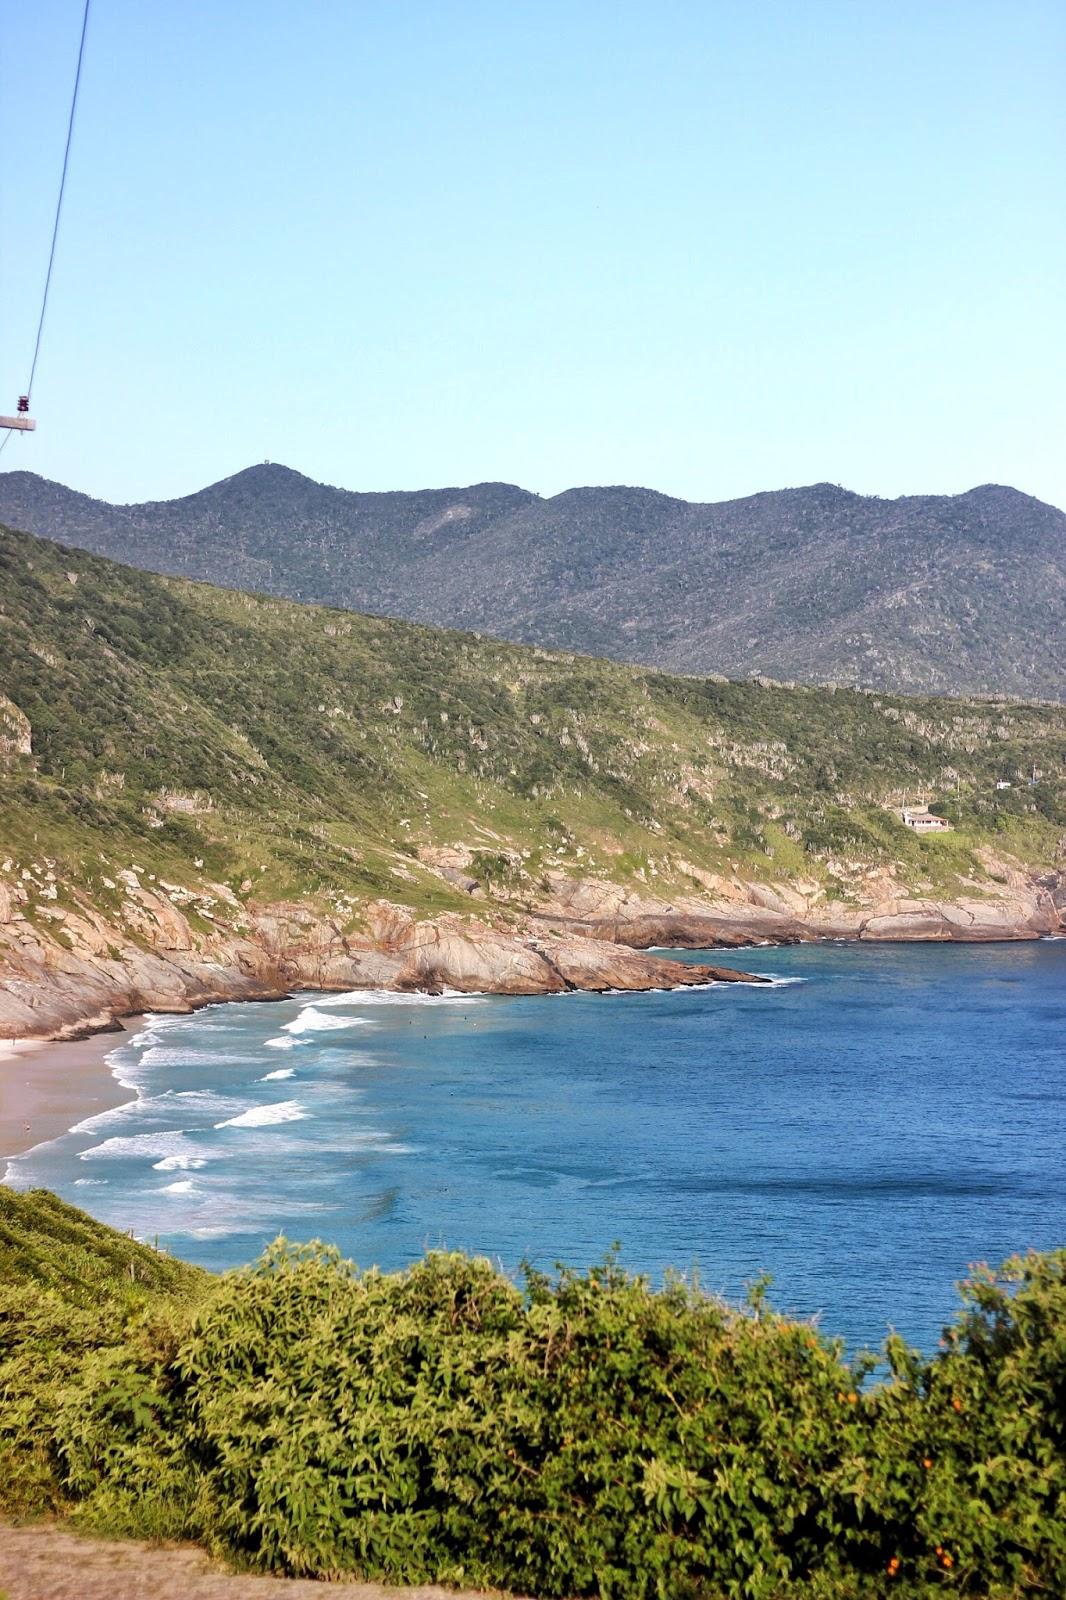 lifesthayle-arraial-do-cabo-mirante-vista-praia.JPG